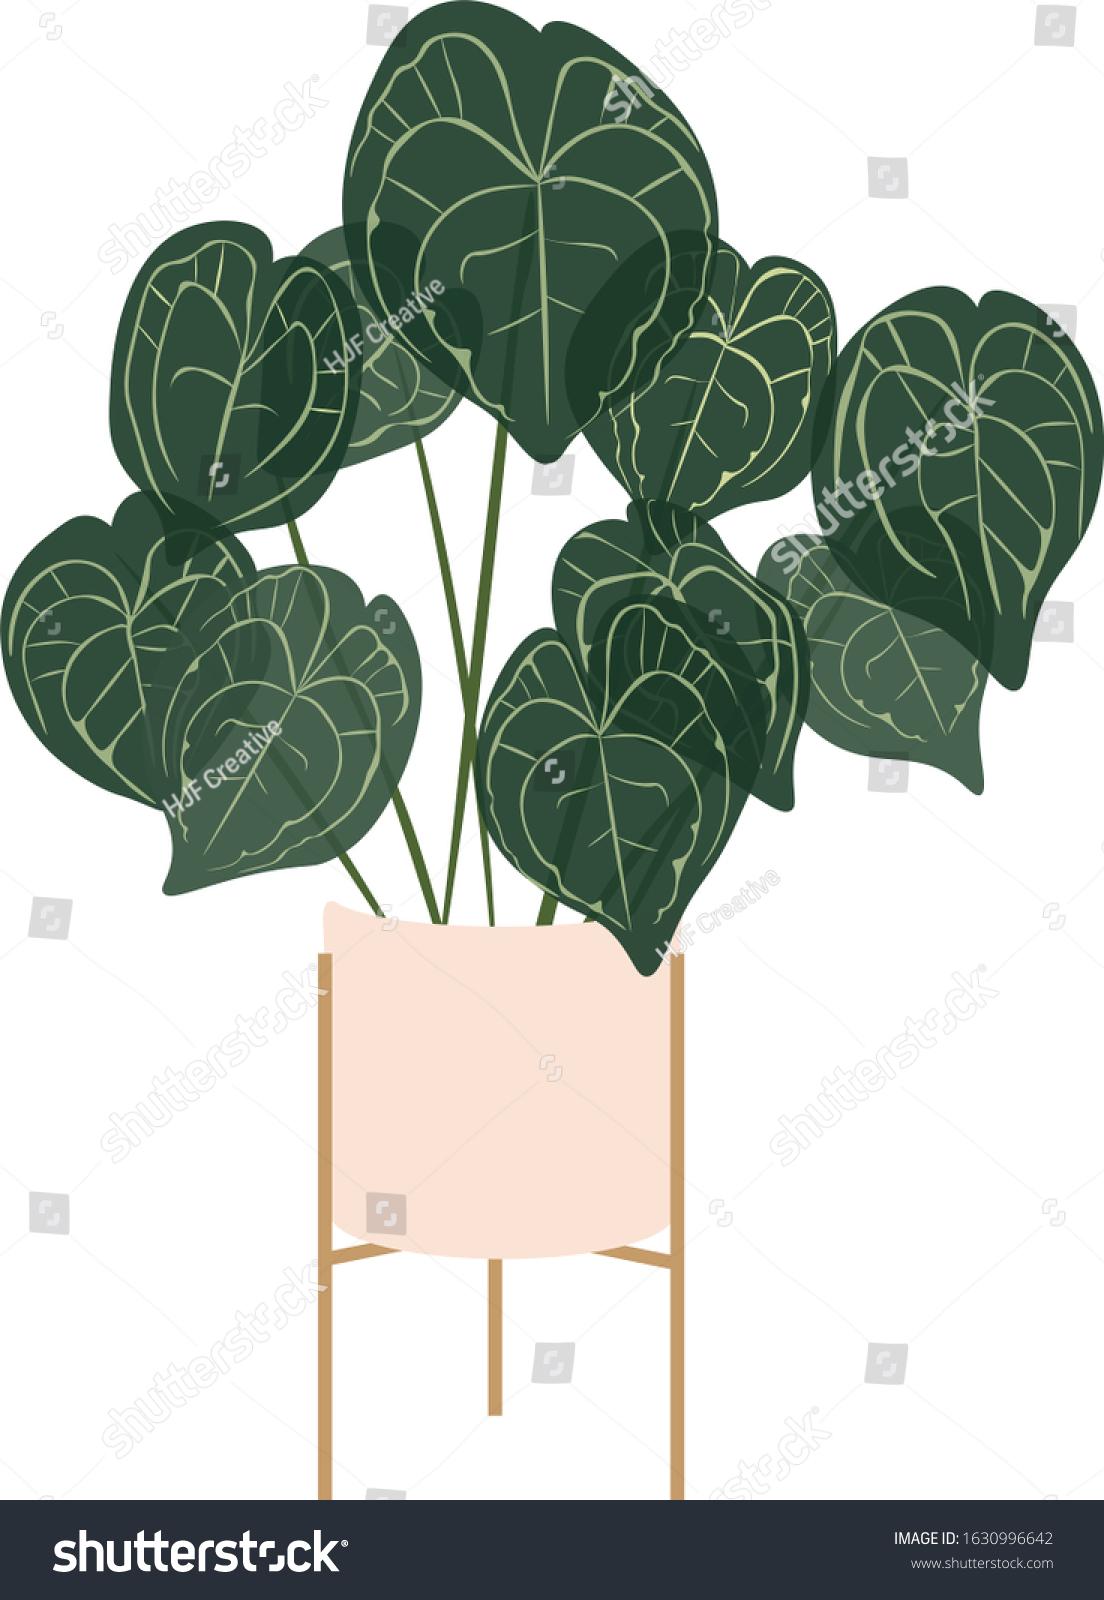 Alocasia Black Velvet Alocasia Reginula Stand Stock Illustration 1630996642